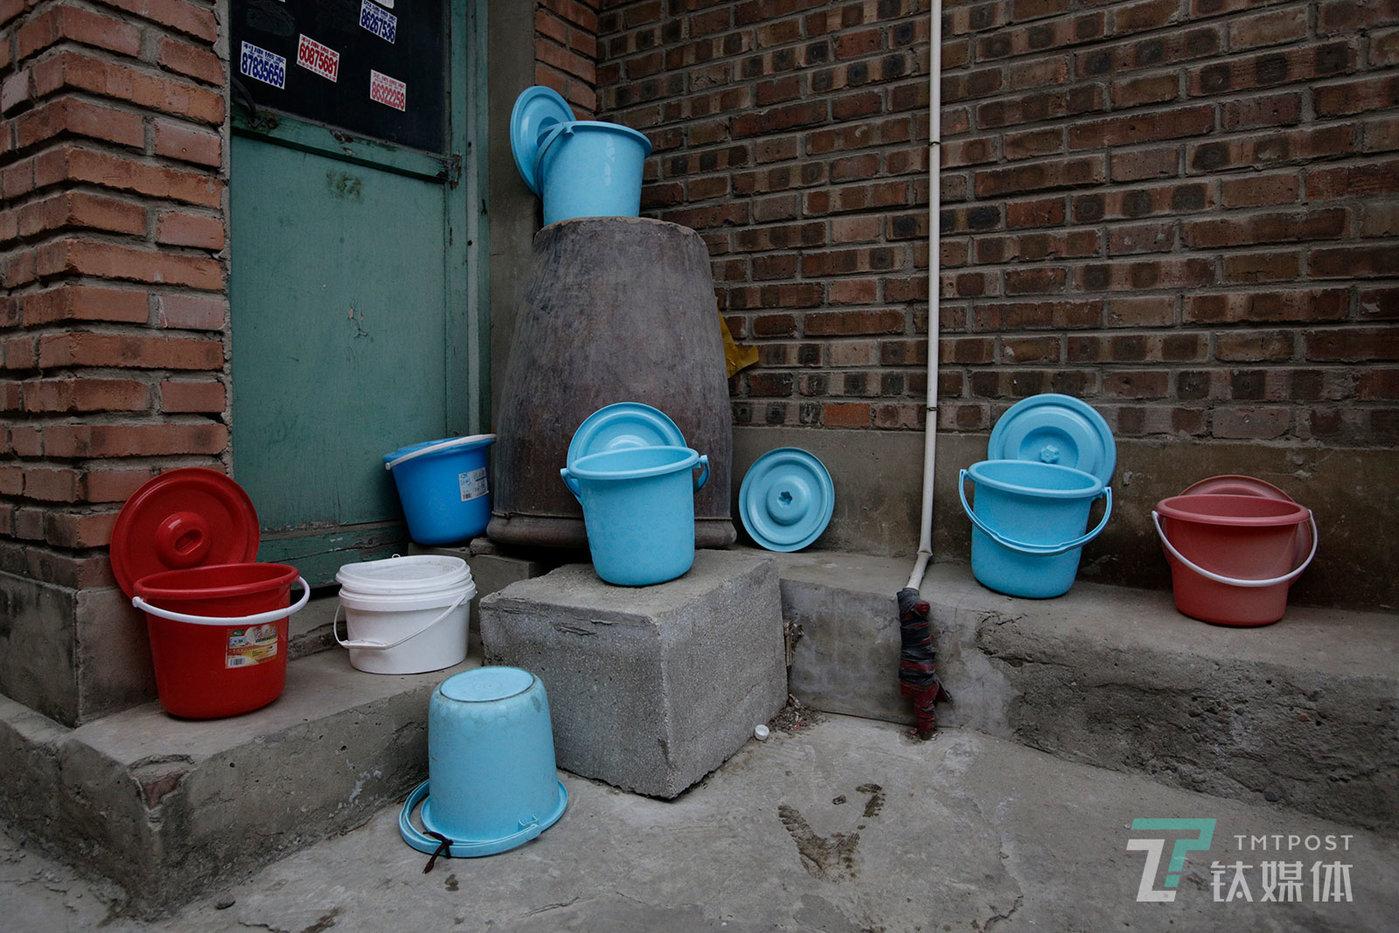 【群居】4月29日,北京朝阳区石各庄,租户们摆放在外面的尿桶。石各庄聚集了大量来自四川达州的打工者,他们大都从事建筑、装修等体力劳动。他们租住的房子大都没有厕所和独立厨房。